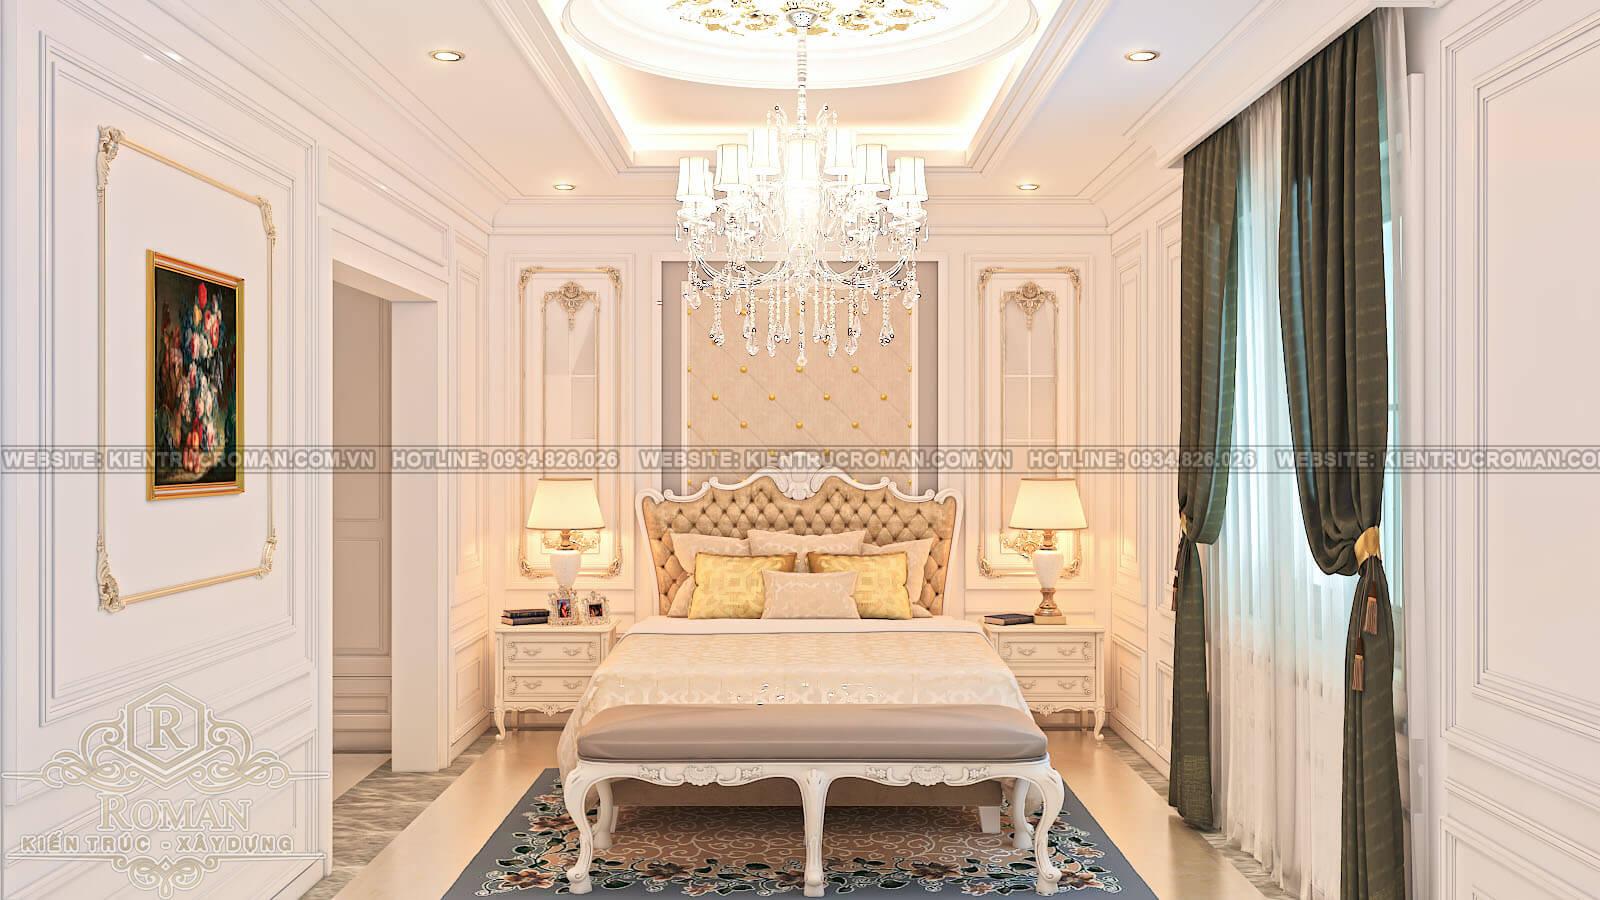 biệt thự cổ điển kiểu pháp phòng ngủ ông bà